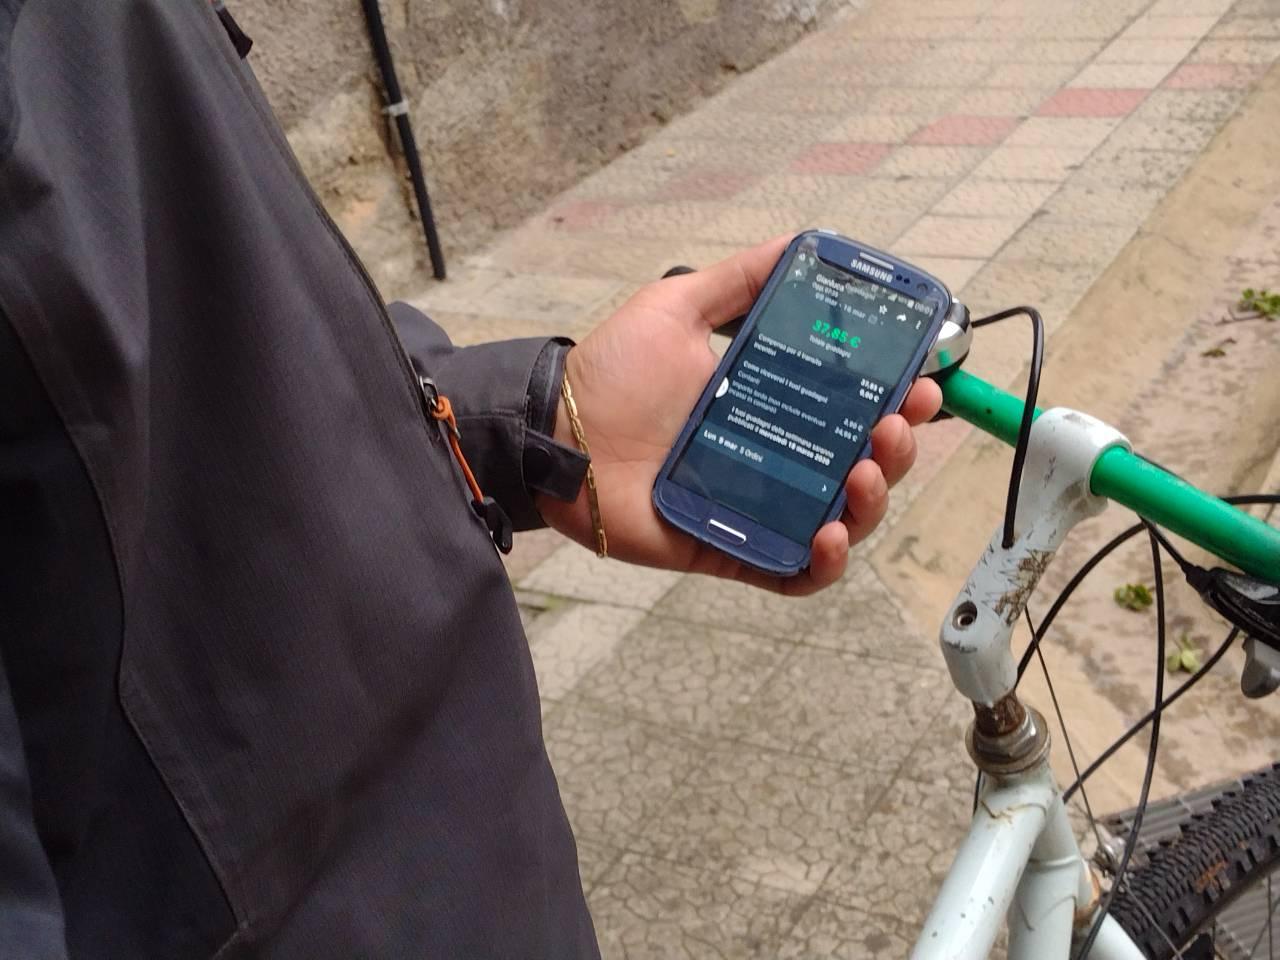 Rider guadagni consegne cibo in bici